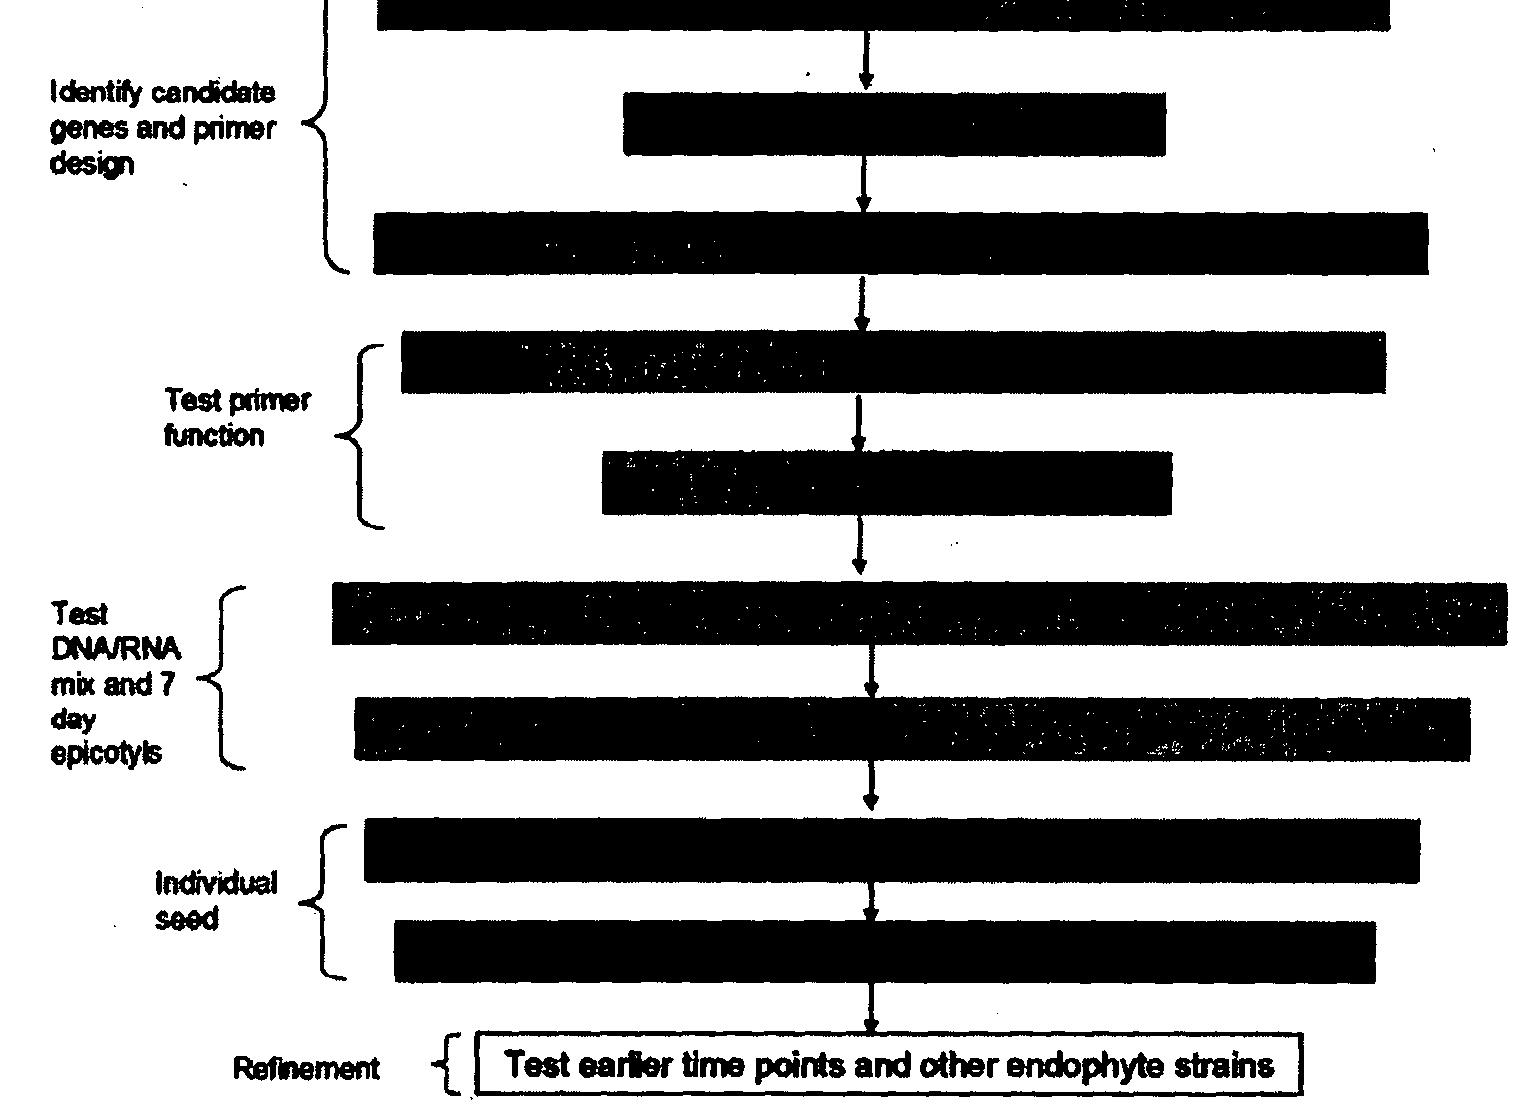 losartan-hydrochlorothiazide (hyzaar)